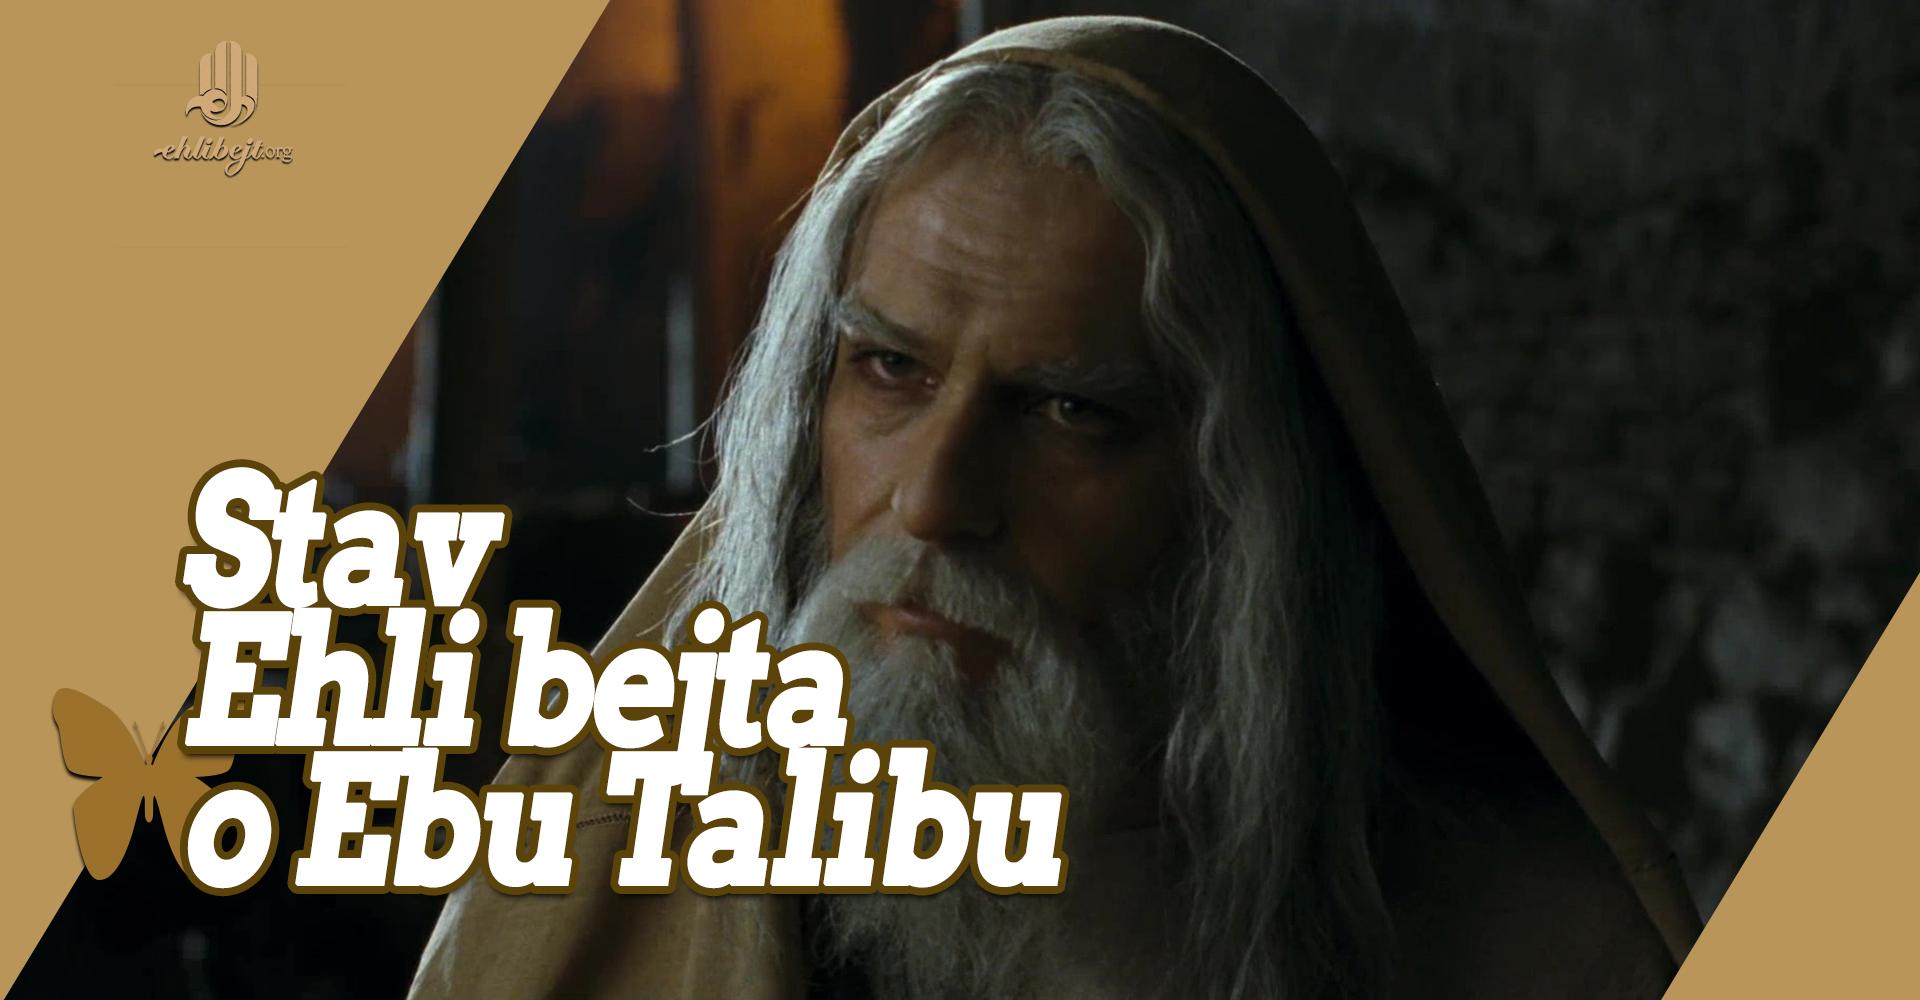 Stav Imama Ehli bejta, a.s., o Ebu Talibu